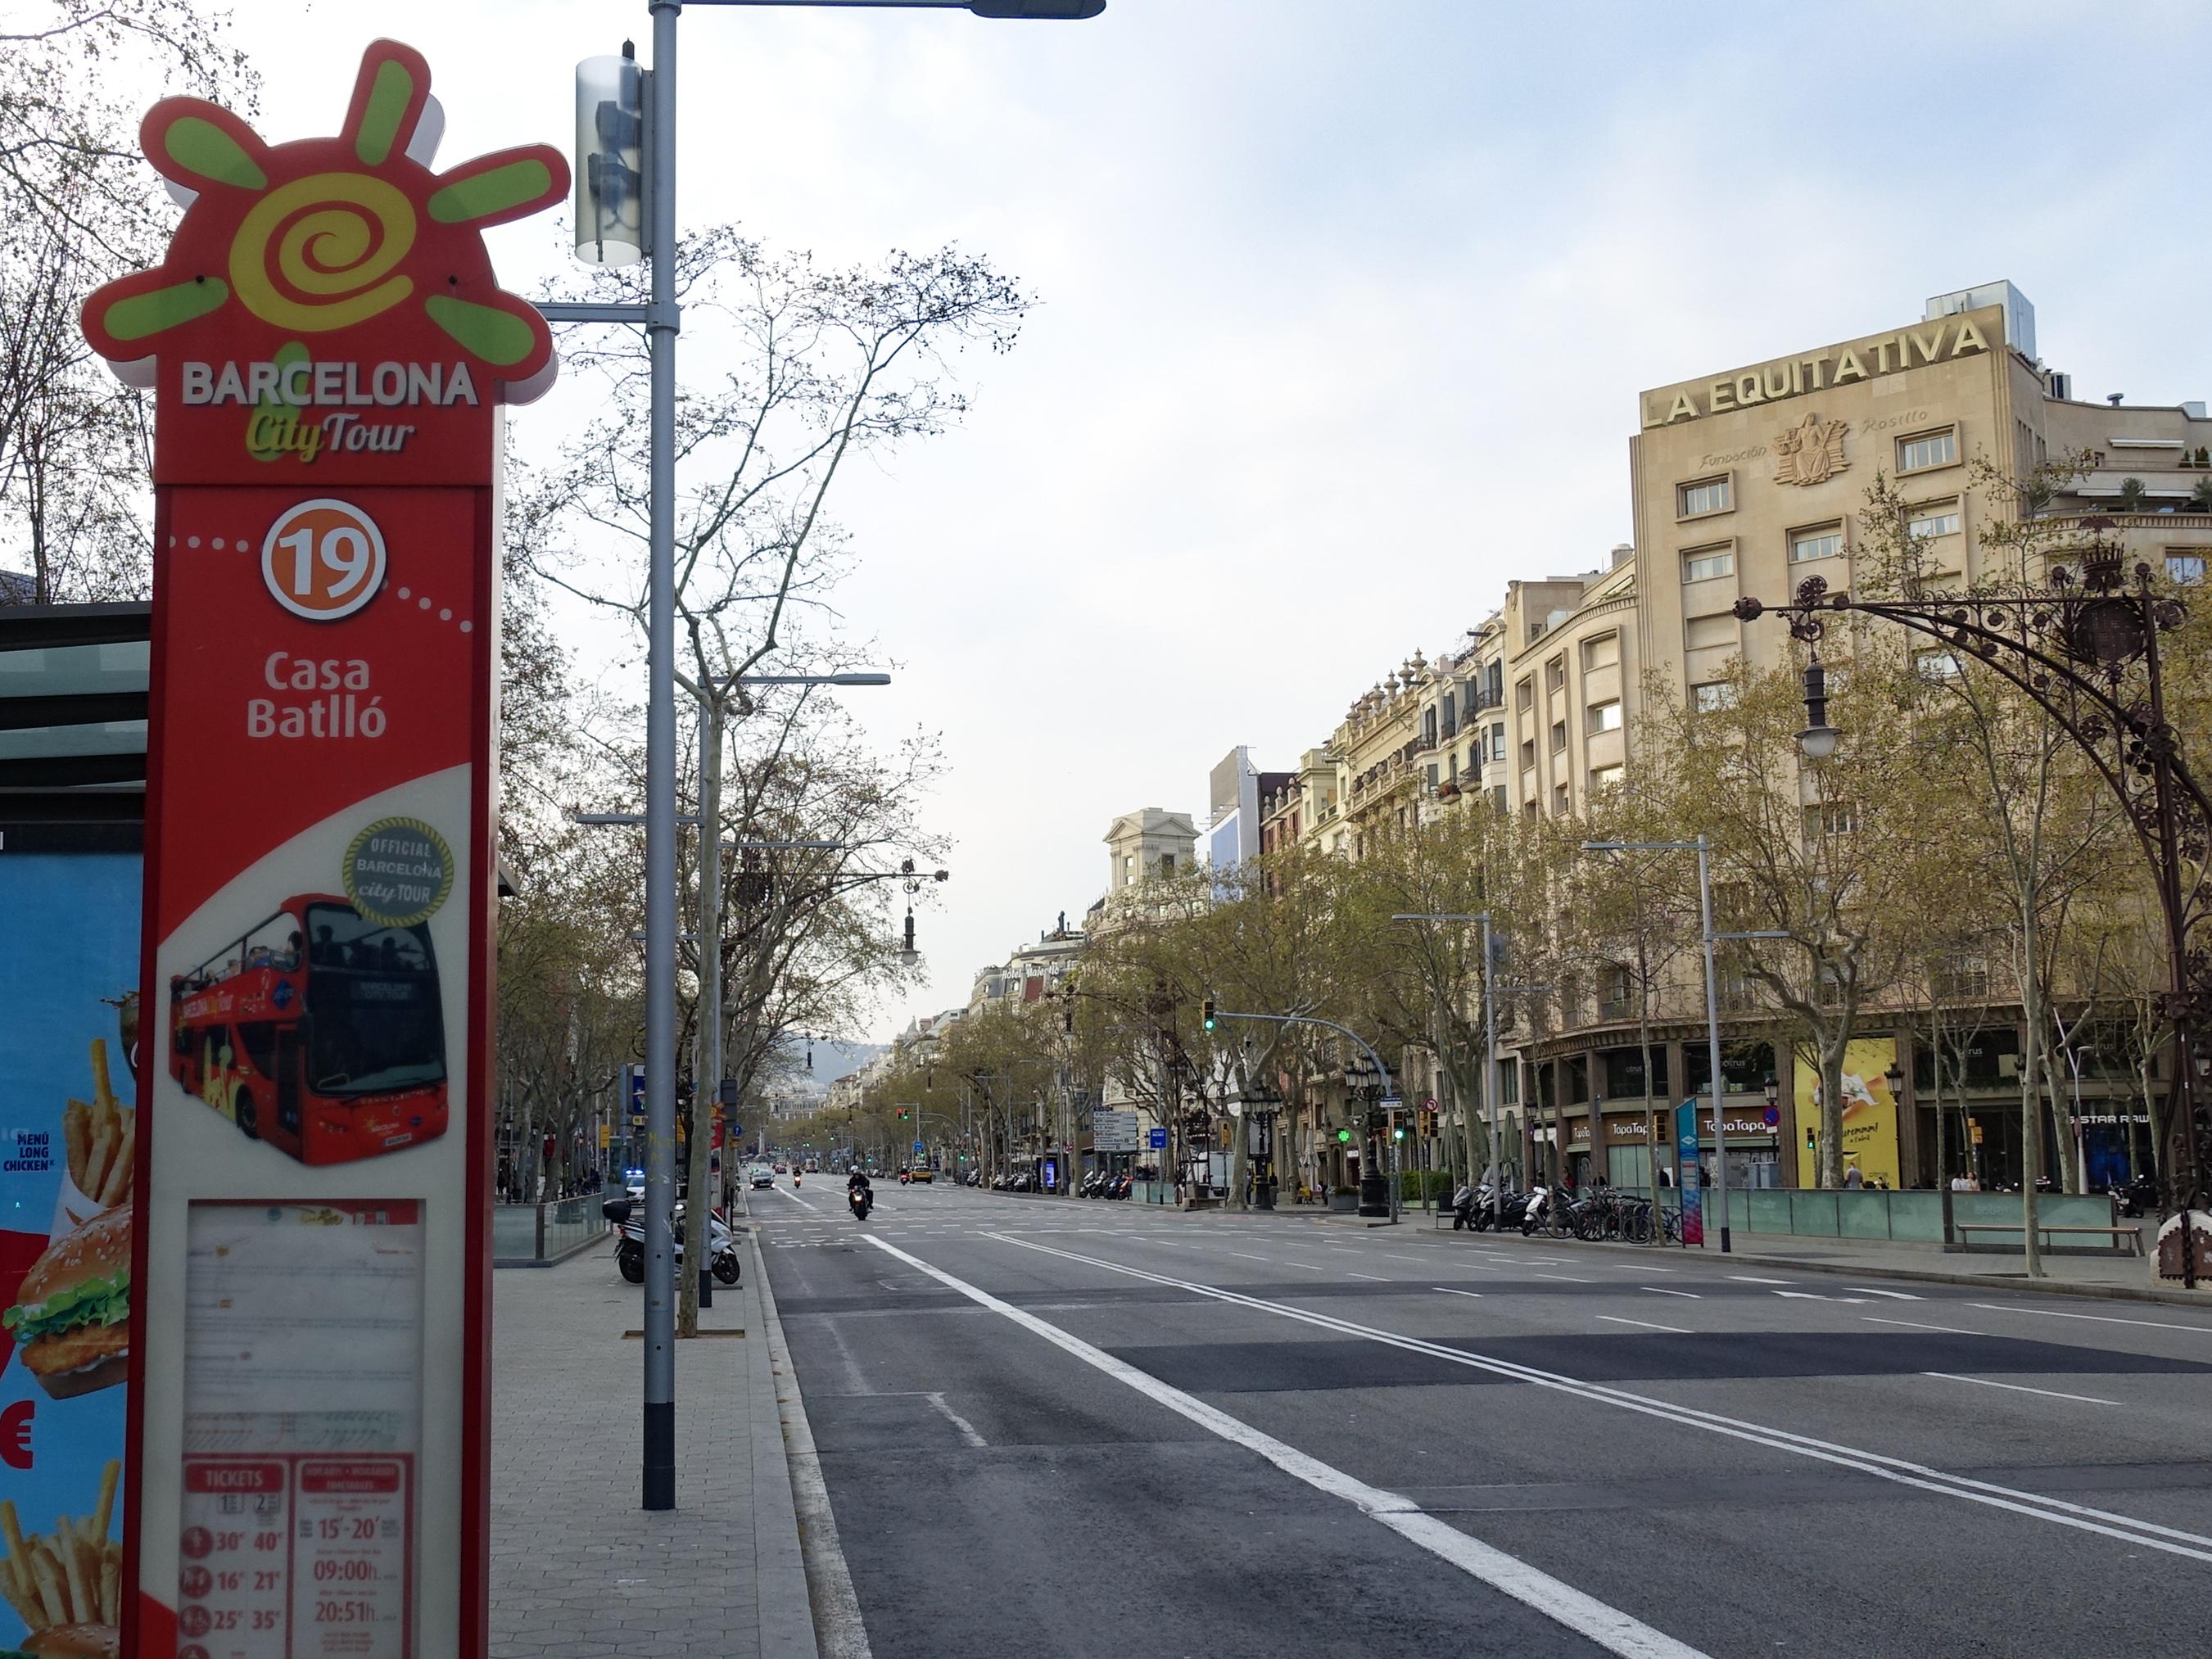 SPAIN-BARCELONA-COVID-19-STATE OF ALARM-LOCKDOWN